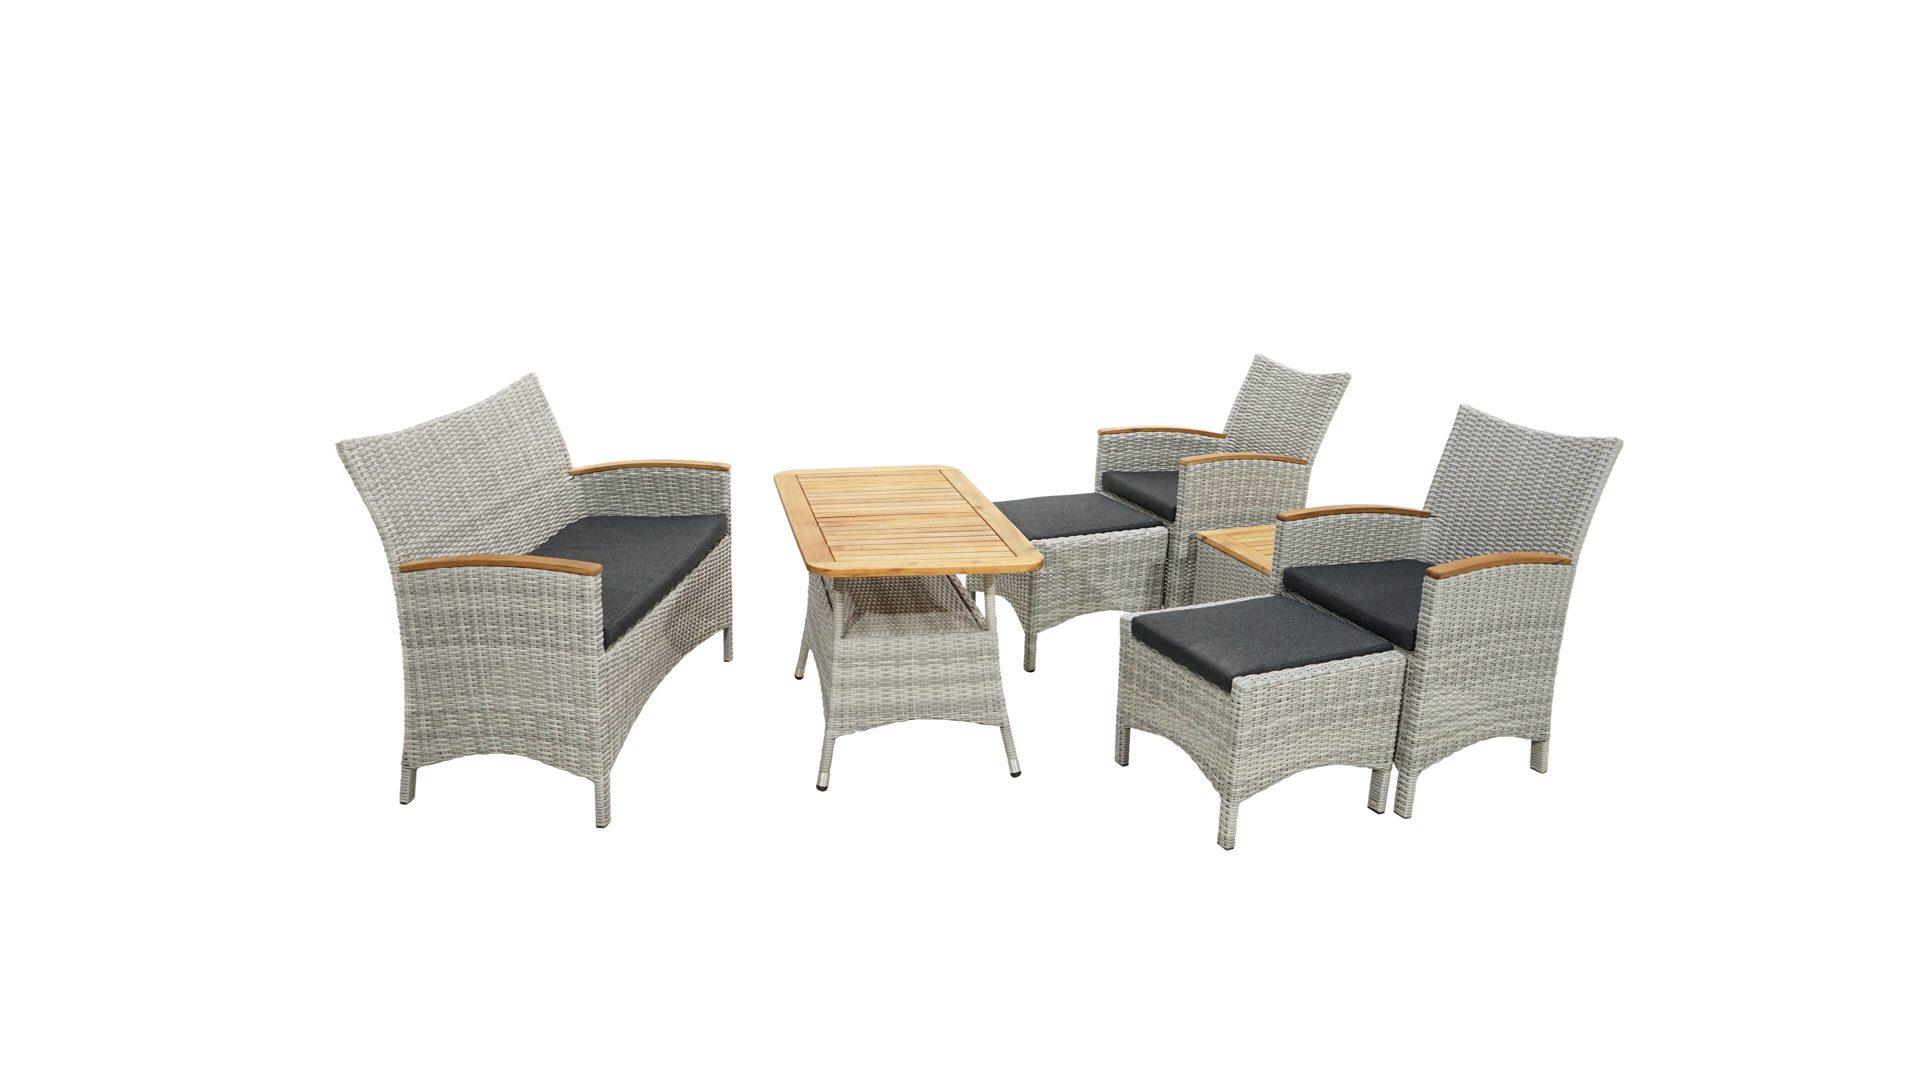 mobel bernskotter mulheim mobel a z tische beistelltische ploss ploss loungemobel set vigo grau naturfarbenes kunststoffgeflecht akazienholz